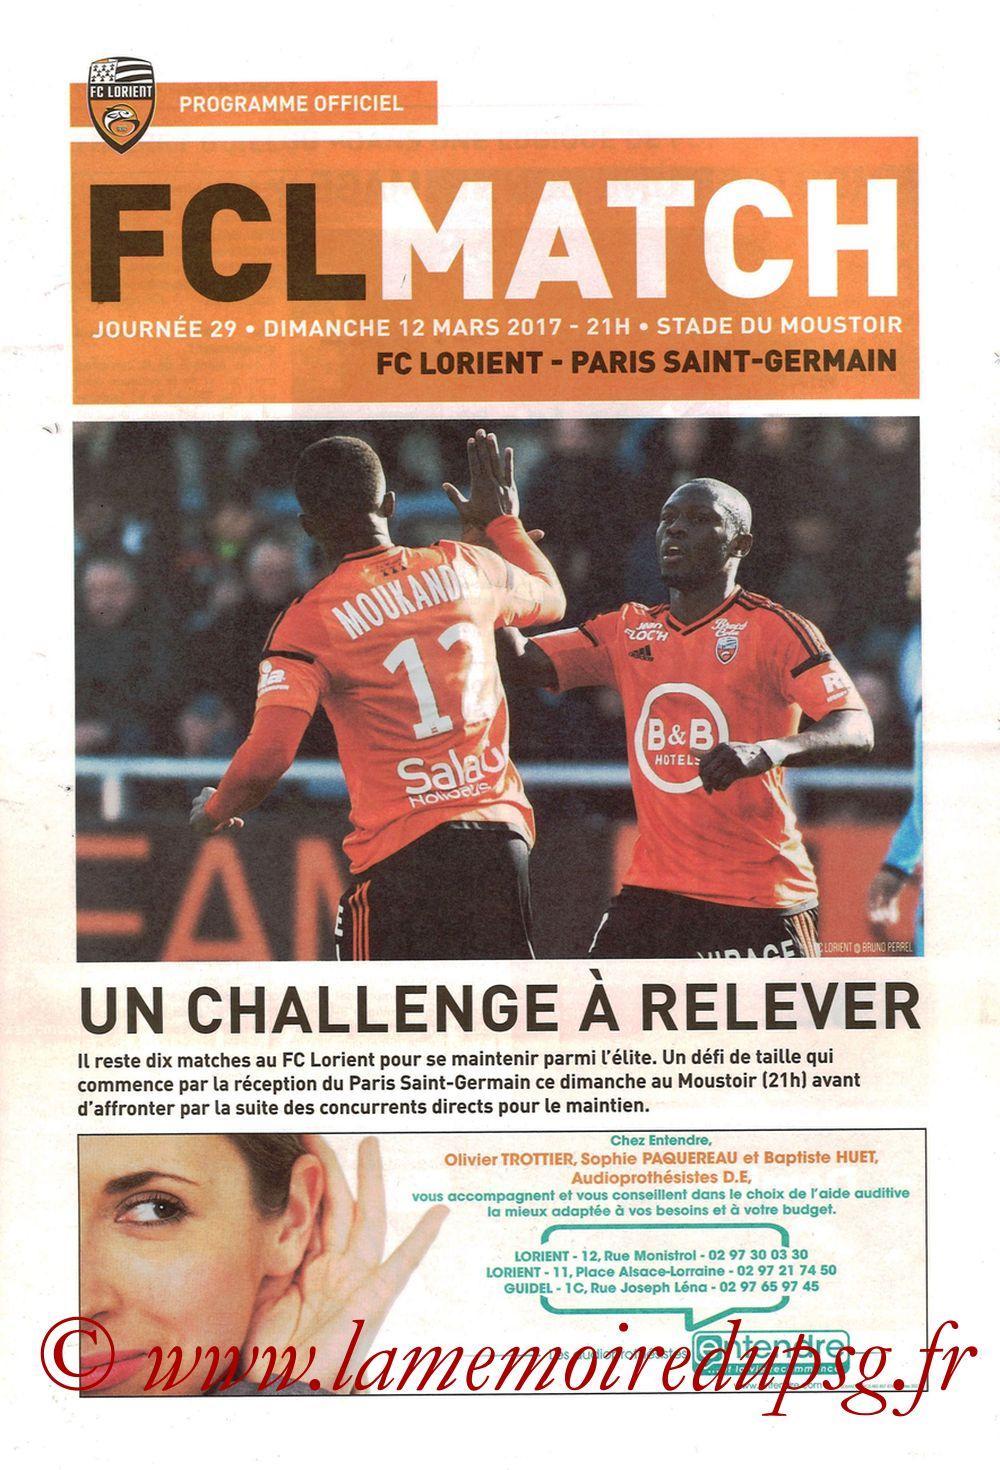 2017-03-12  Lorient-PSG (29ème L1, FCL Match)